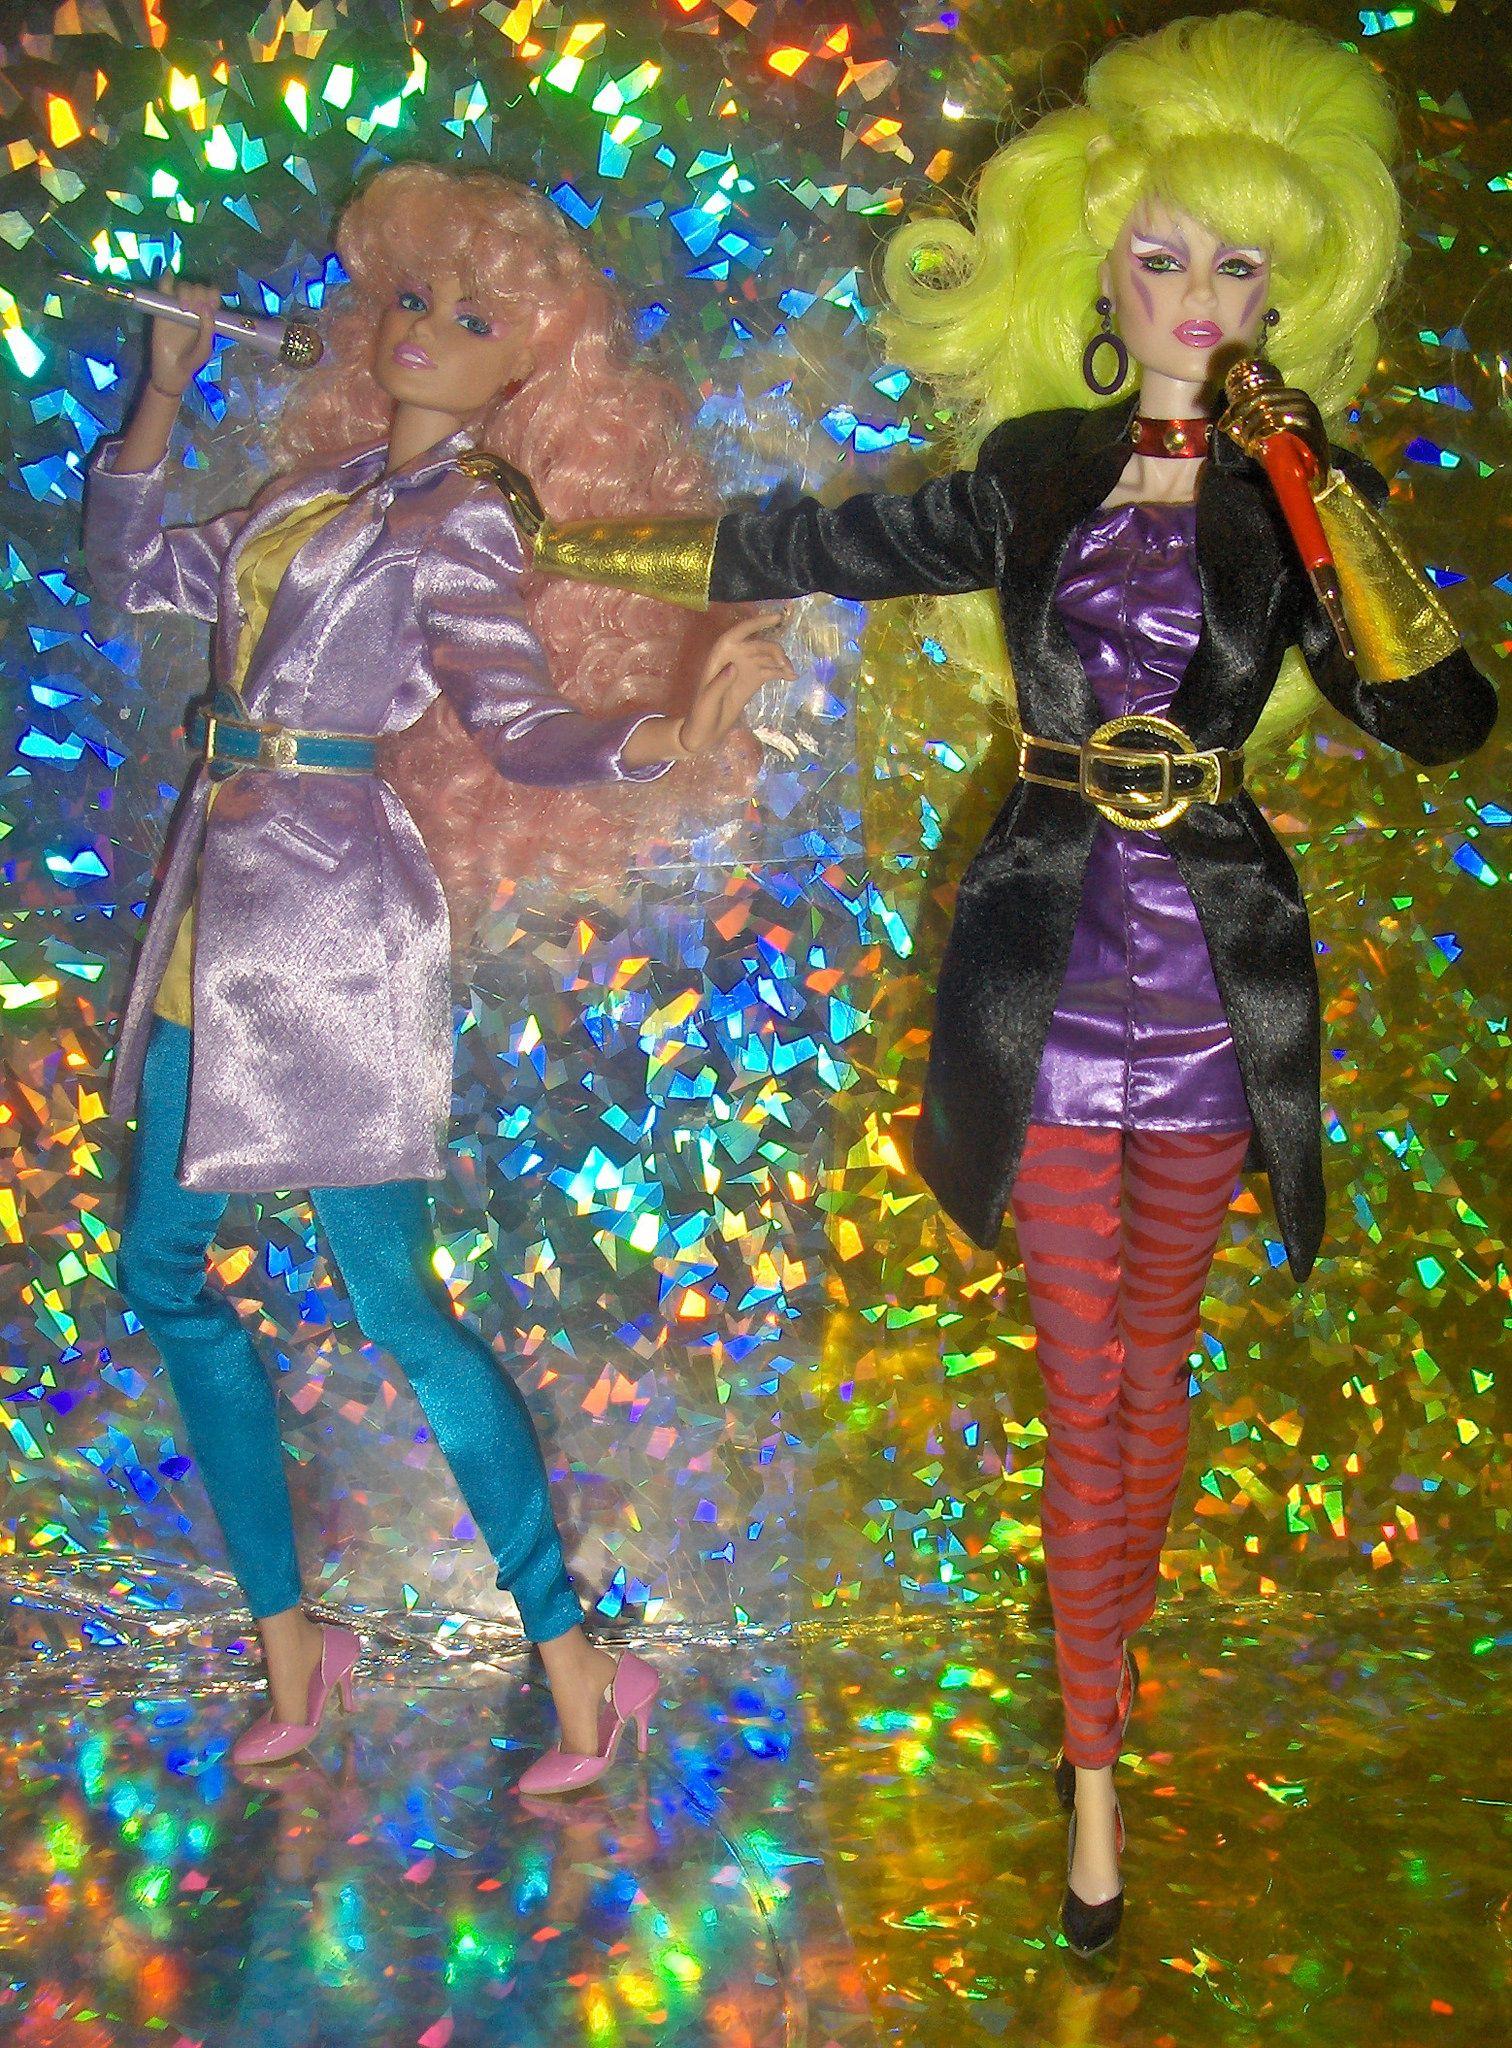 Jem Et Les Hologrammes 2 : hologrammes, Stitches, Holograms,, Hologram,, Grunge